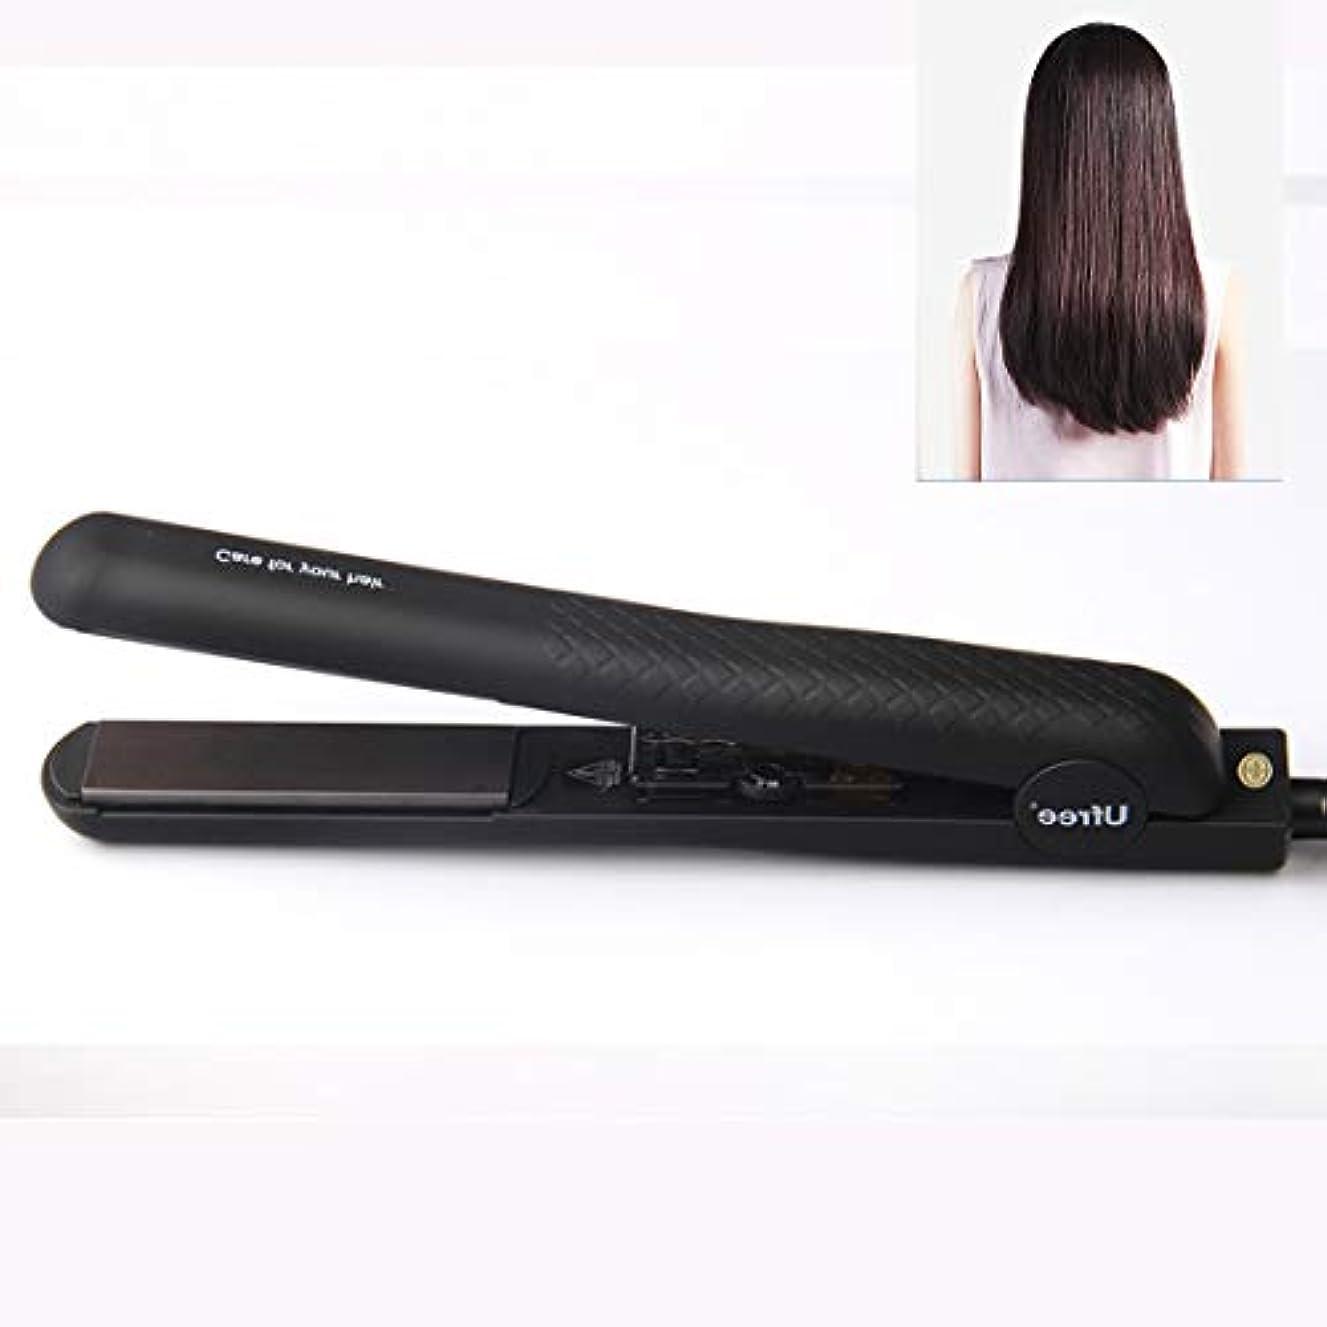 彼ら彼ら写真を描くMEI1JIA Ufree U-330セラミックプレート調節可能な温度ストレートヘアアイロン電気合板理髪ツール髪用、EUプラグ(ブラック) (色 : Black)